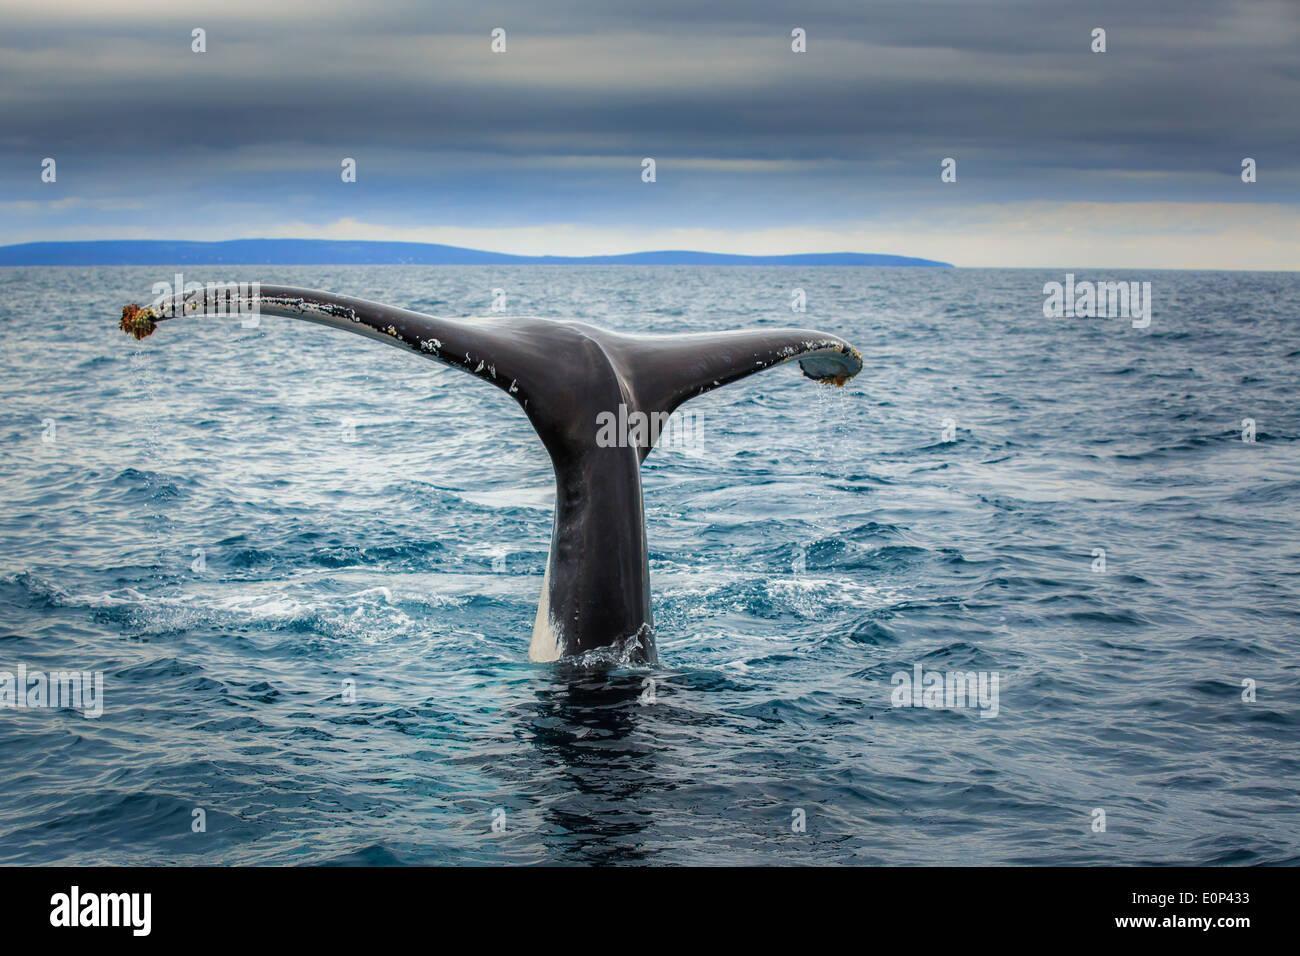 Fluke di una balena franca australe (Eubalaena australis), vicino a Busselton, Australia occidentale Immagini Stock